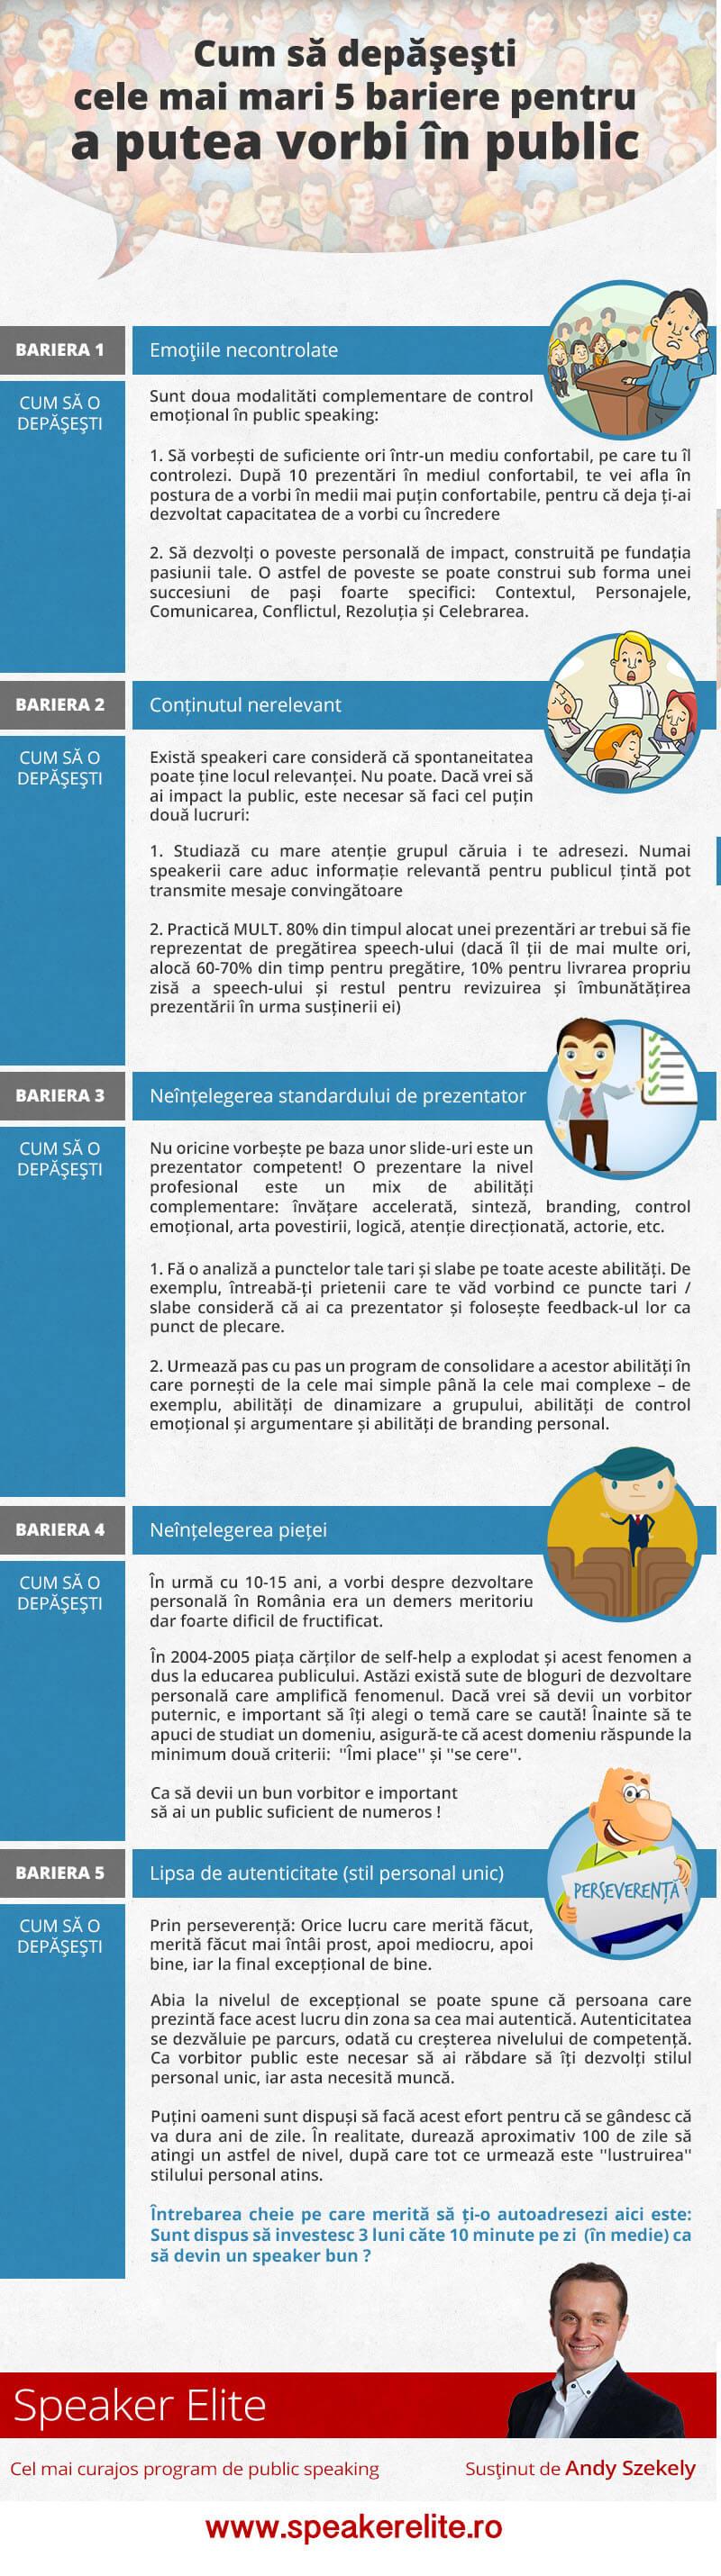 infografic-andyszekely-vorbit-in-public